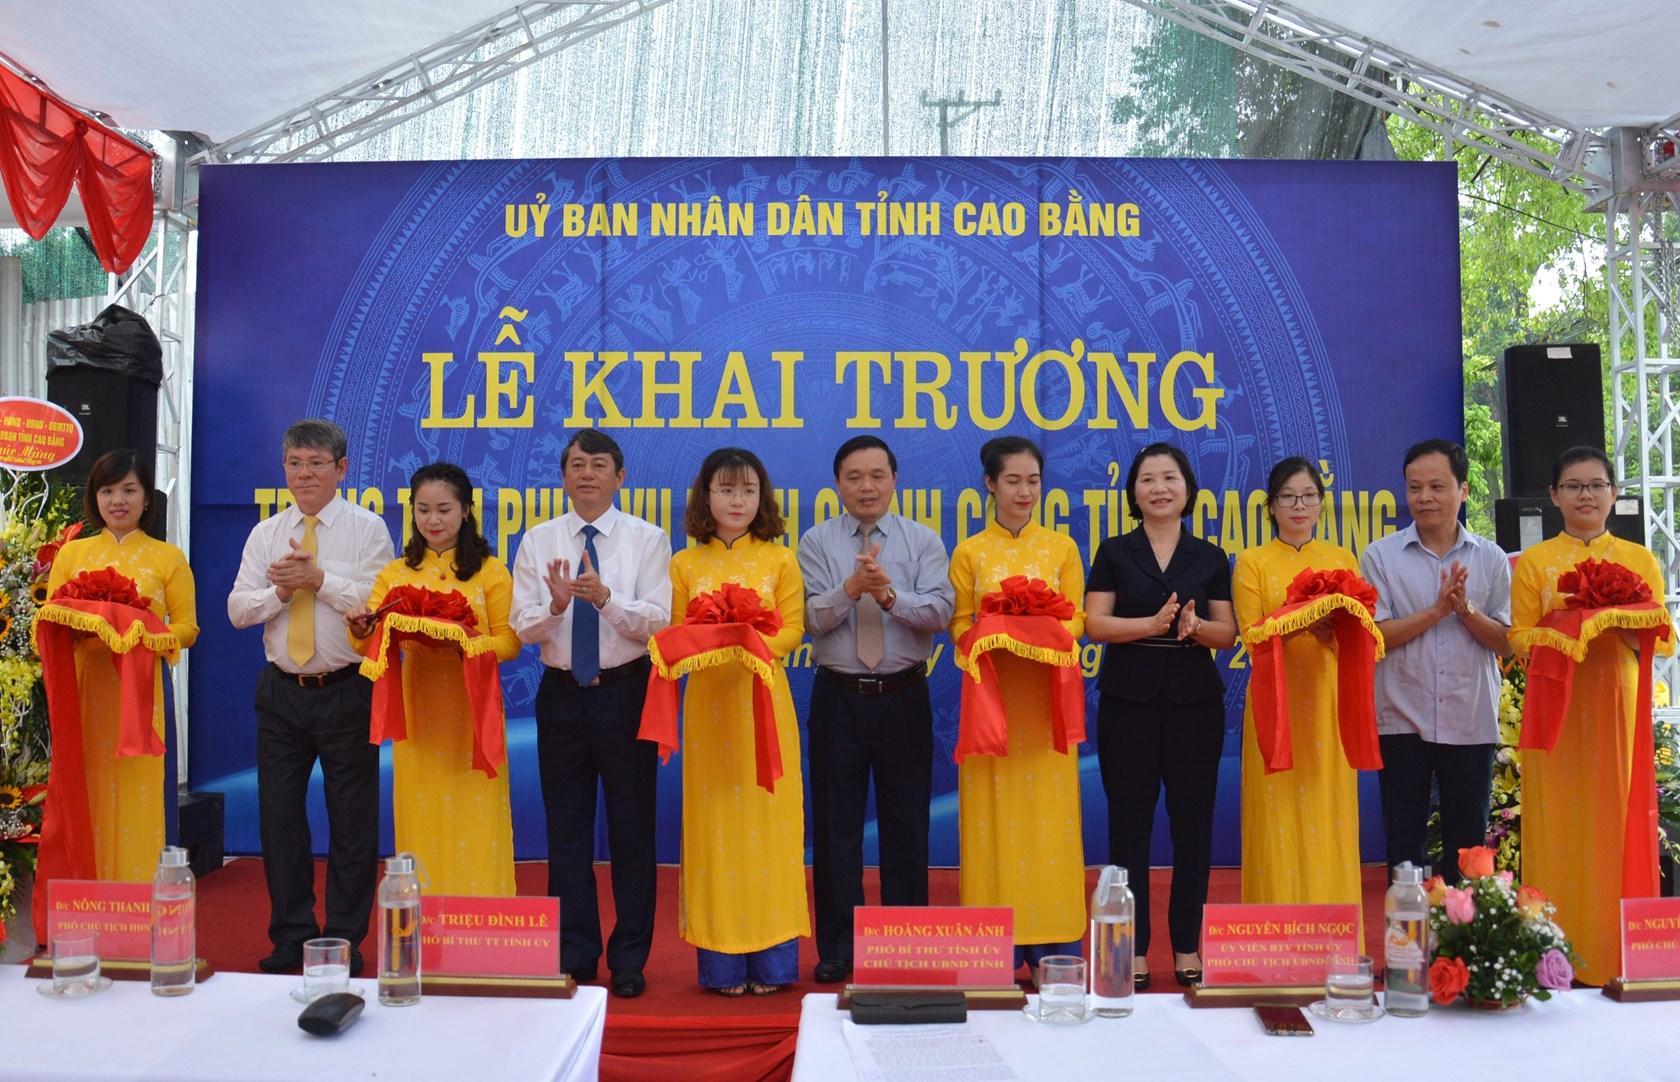 Khai trương Trung tâm Phục vụ hành chính công tỉnh